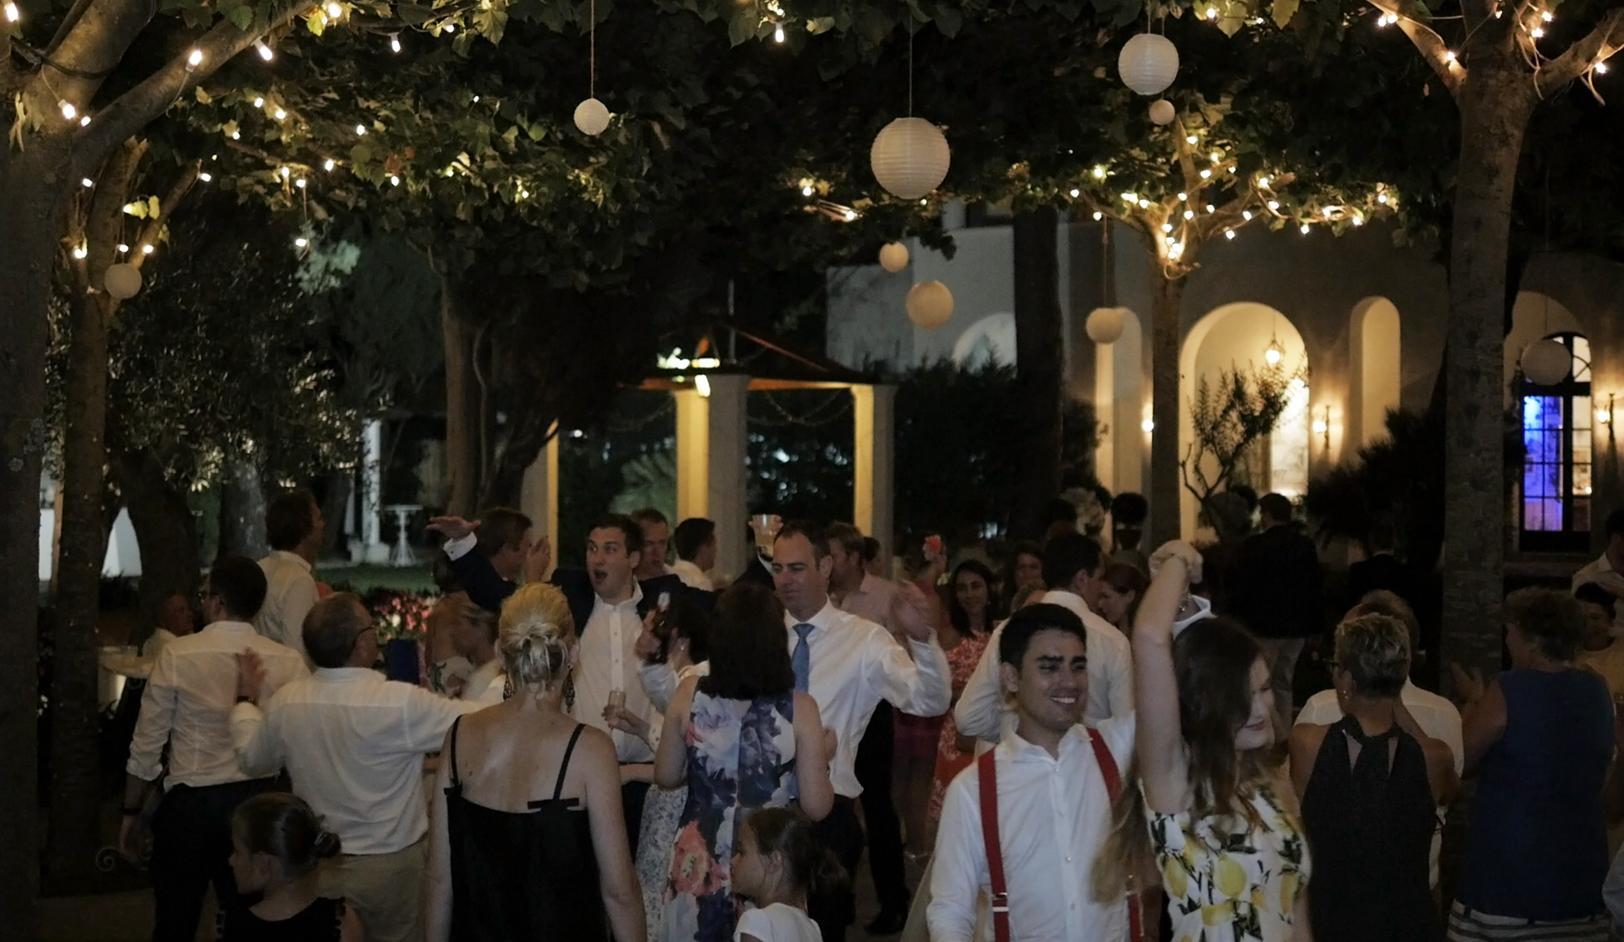 matrimonio-a-villa-eva-festa-ravello-italia.jpg